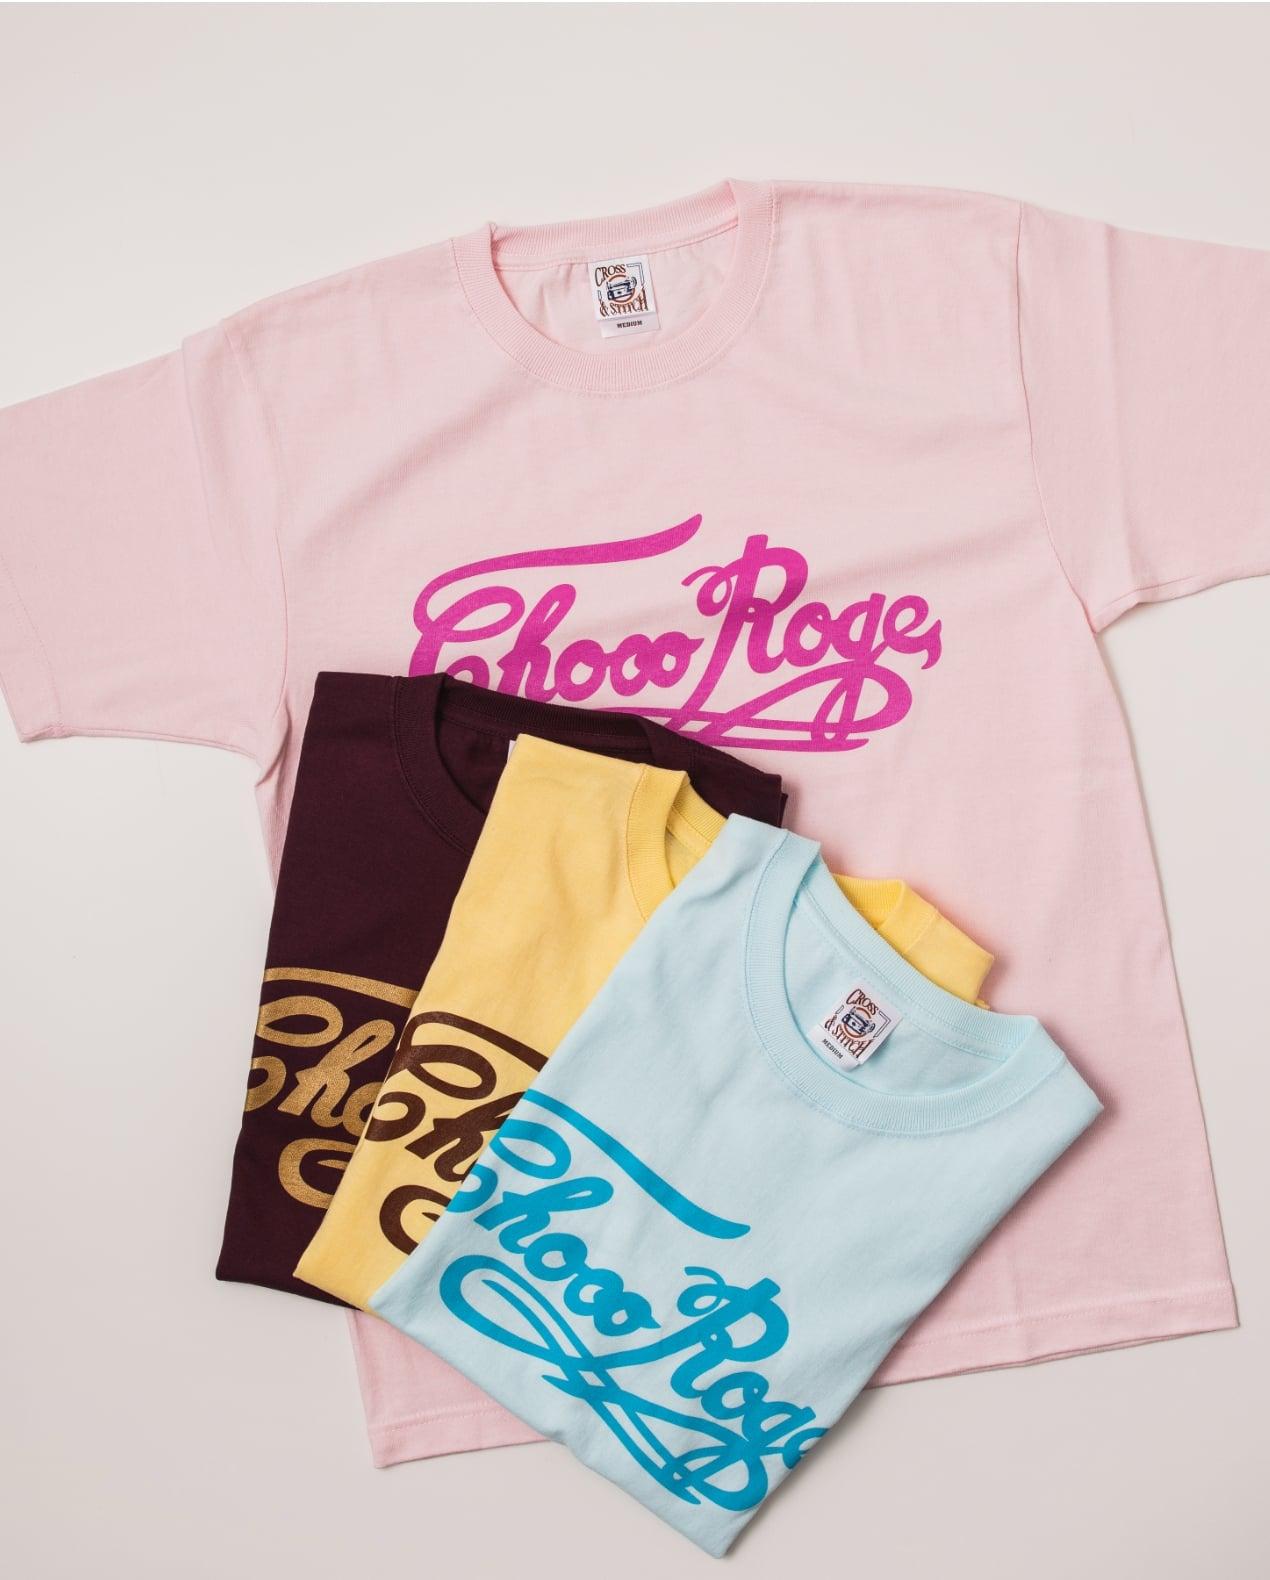 Tシャツ 子供用 水色 サイズ120